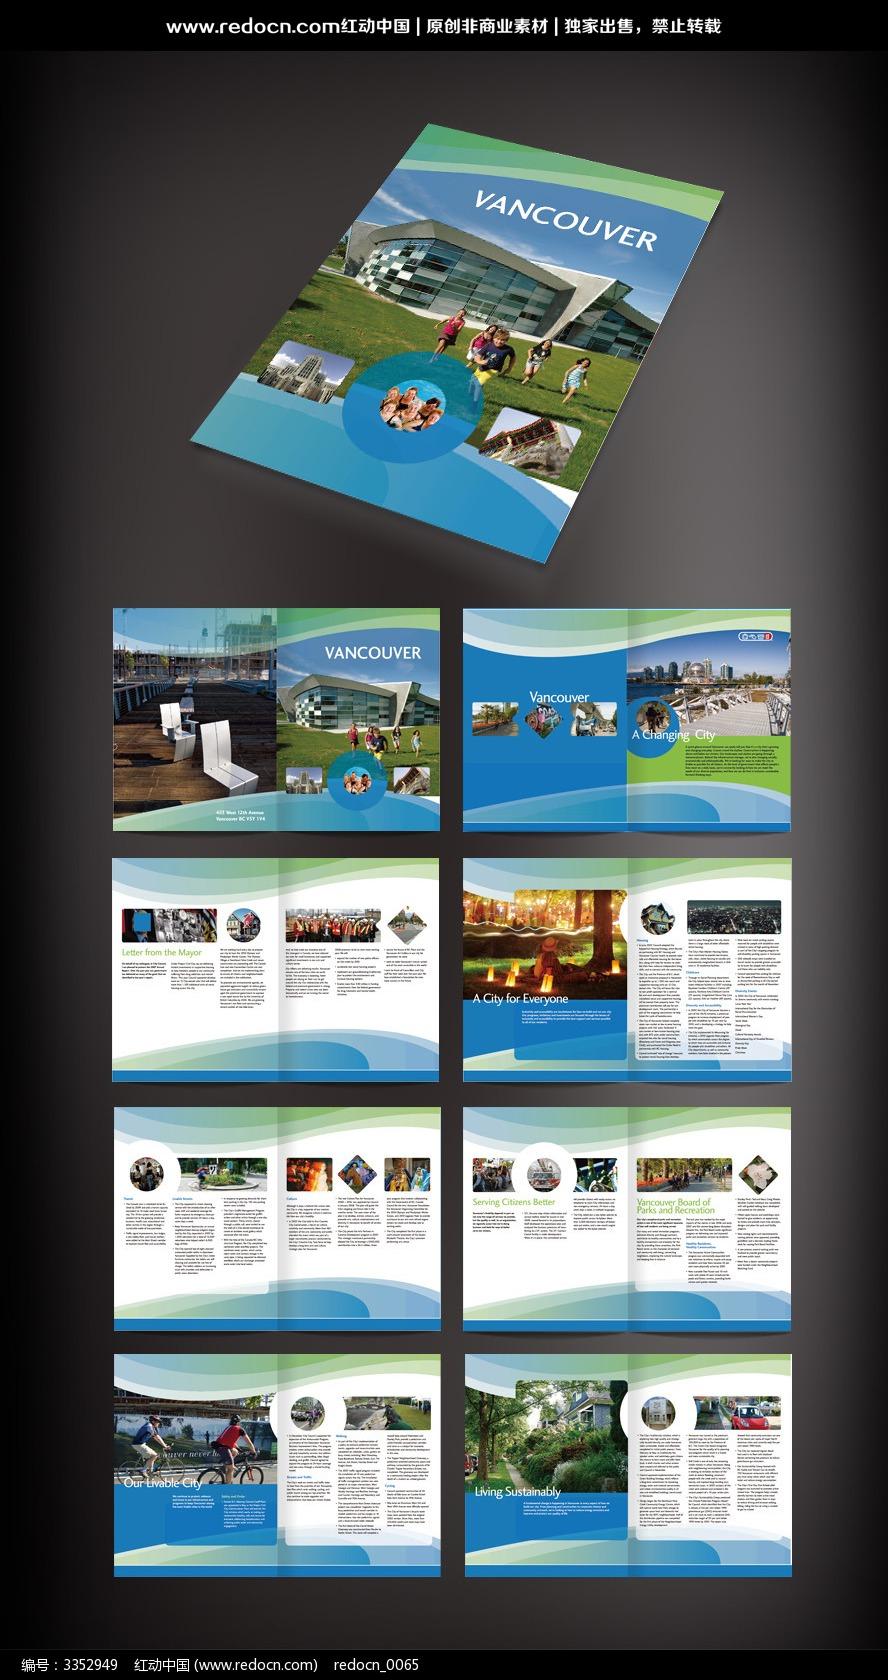 户外运动宣传册排版设计图片